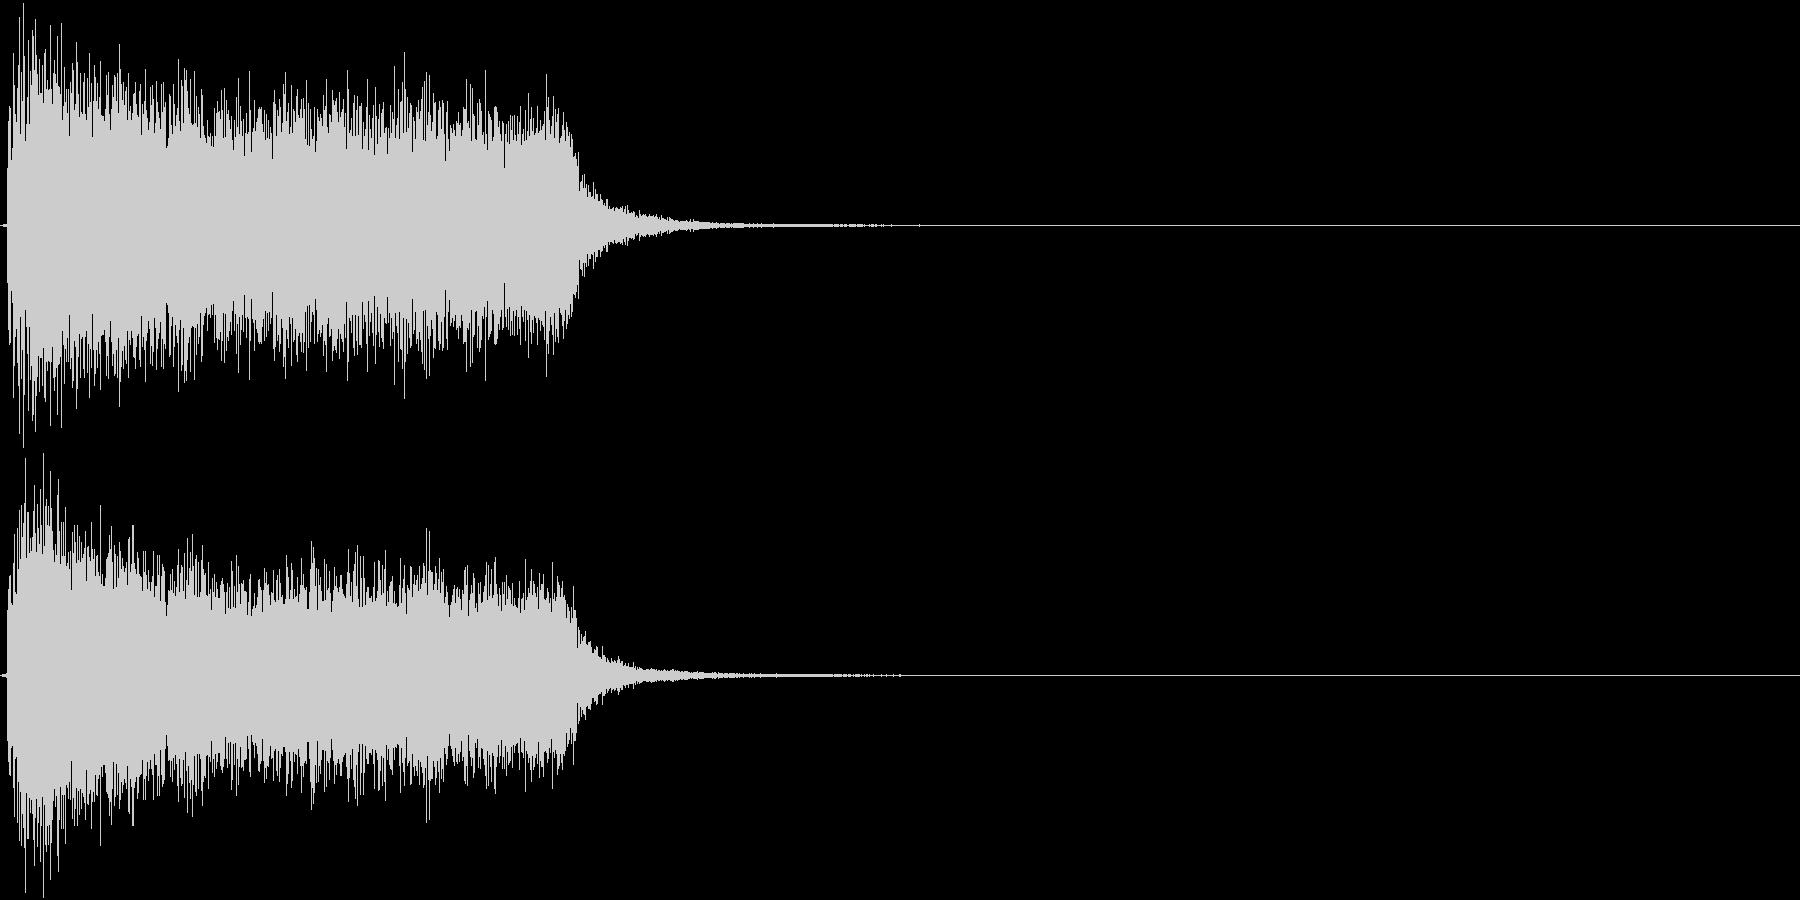 ジャーン(悪役が登場するイメージの音)の未再生の波形